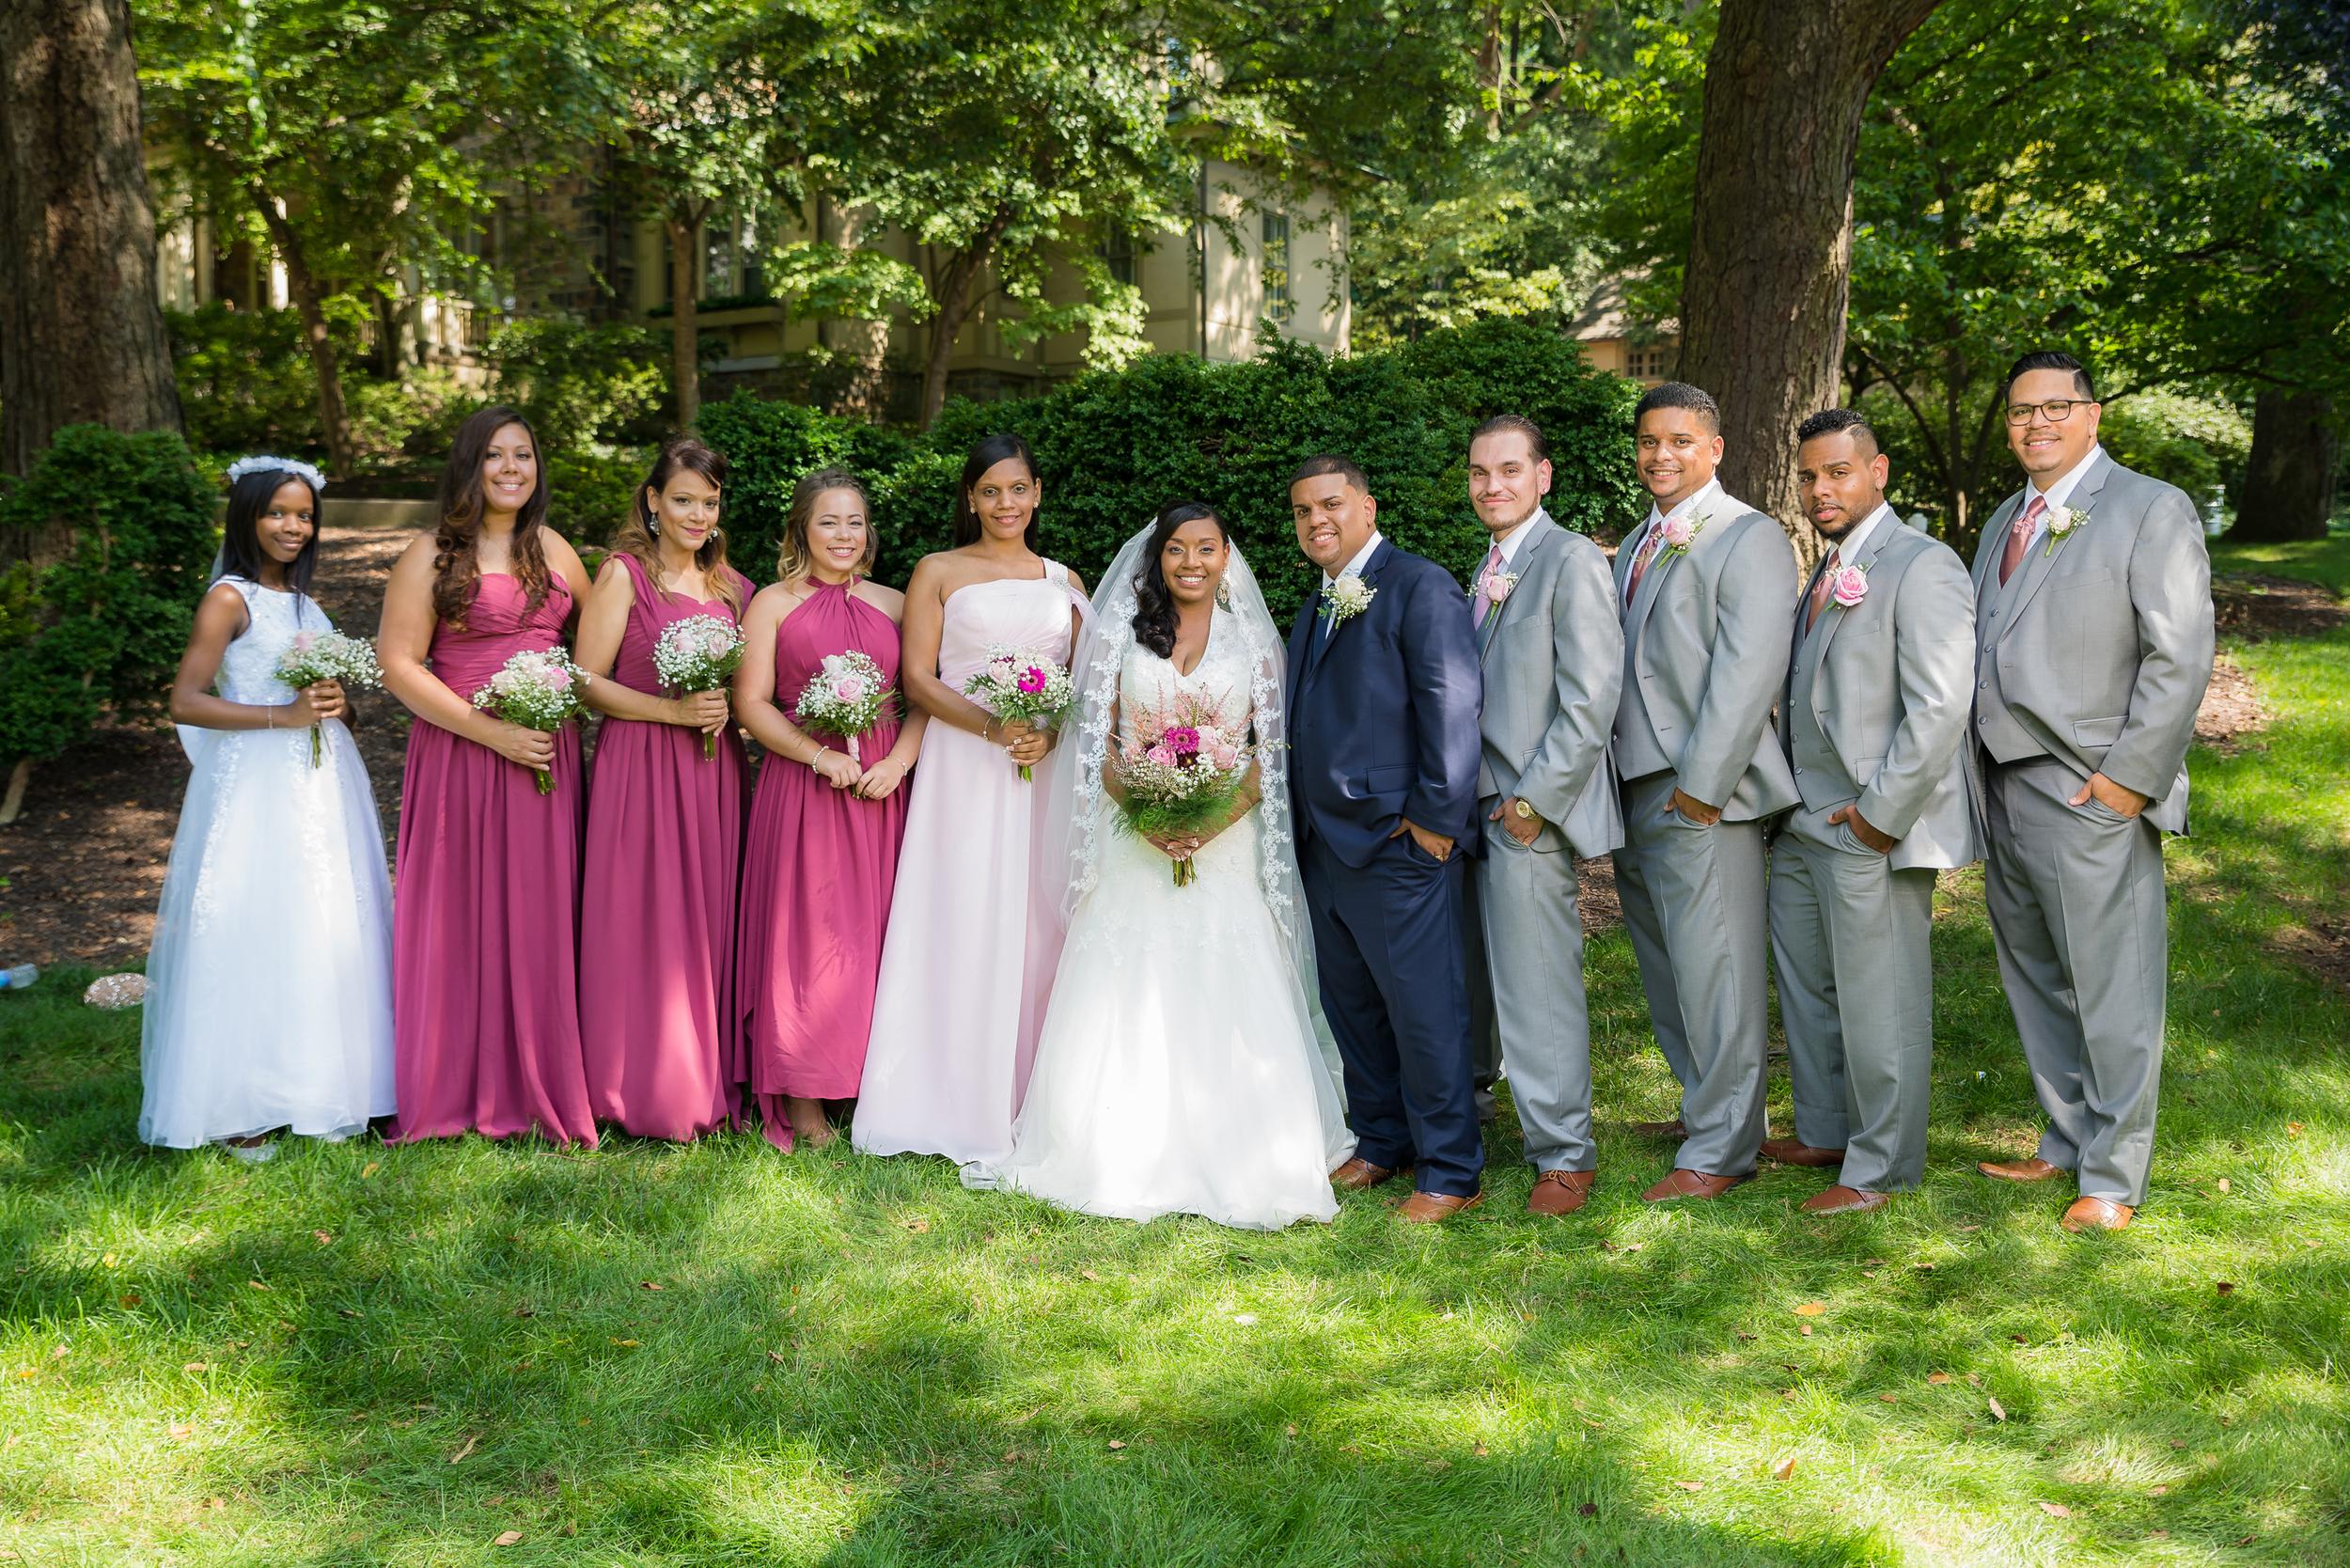 Isela-Josh-Wedding-Garcia-Photography-3760.jpg